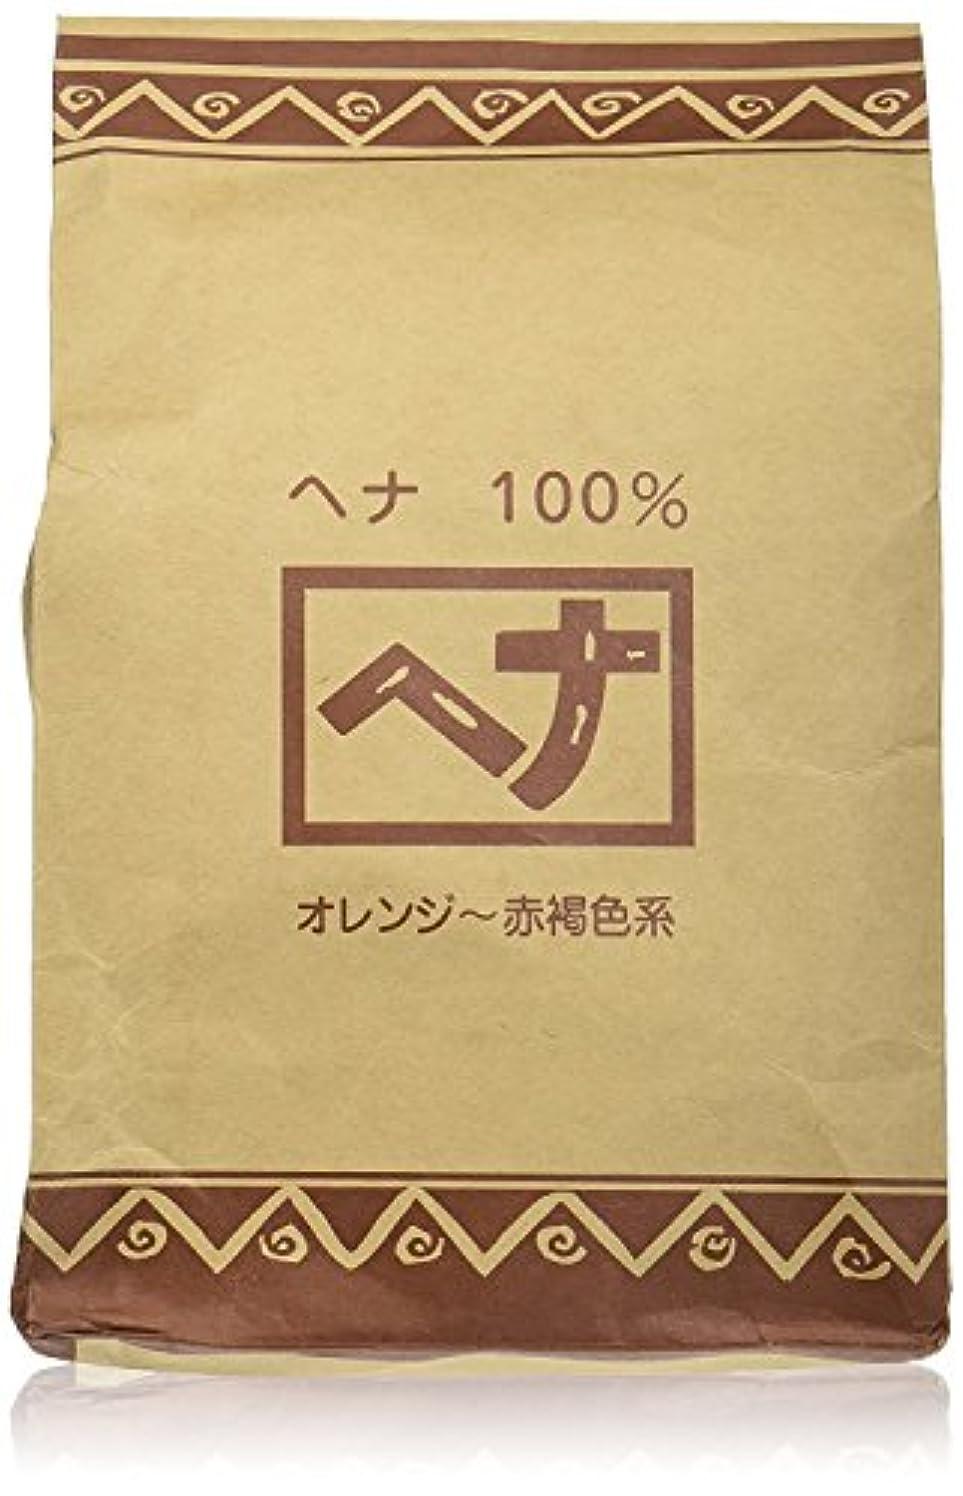 枝ピンチ参照Naiad(ナイアード) お徳用 ヘナ100% 100g×4